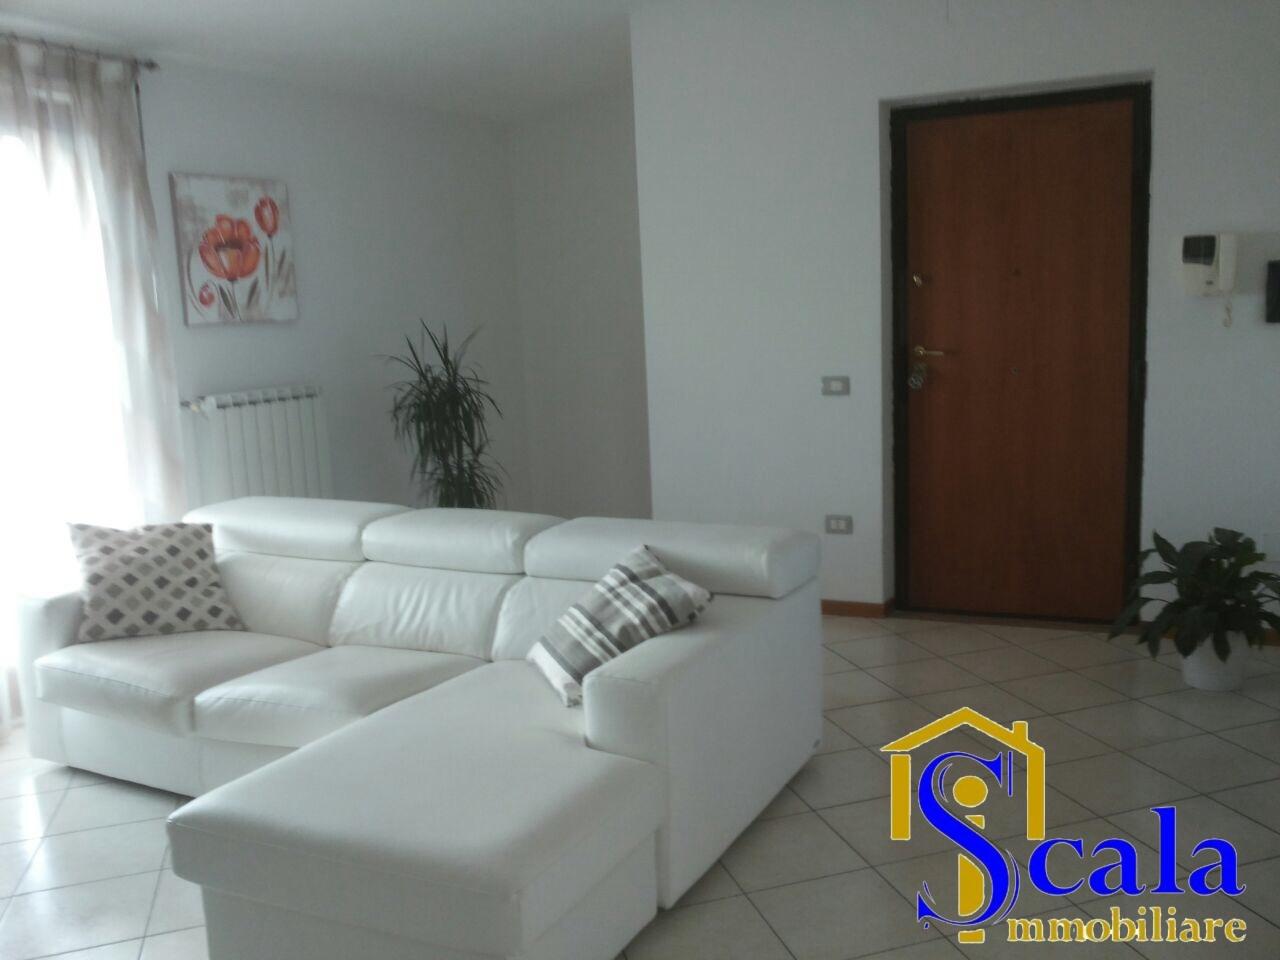 Attico / Mansarda in affitto a Santa Maria Capua Vetere, 3 locali, zona Località: S.Andrea, prezzo € 380 | Cambio Casa.it